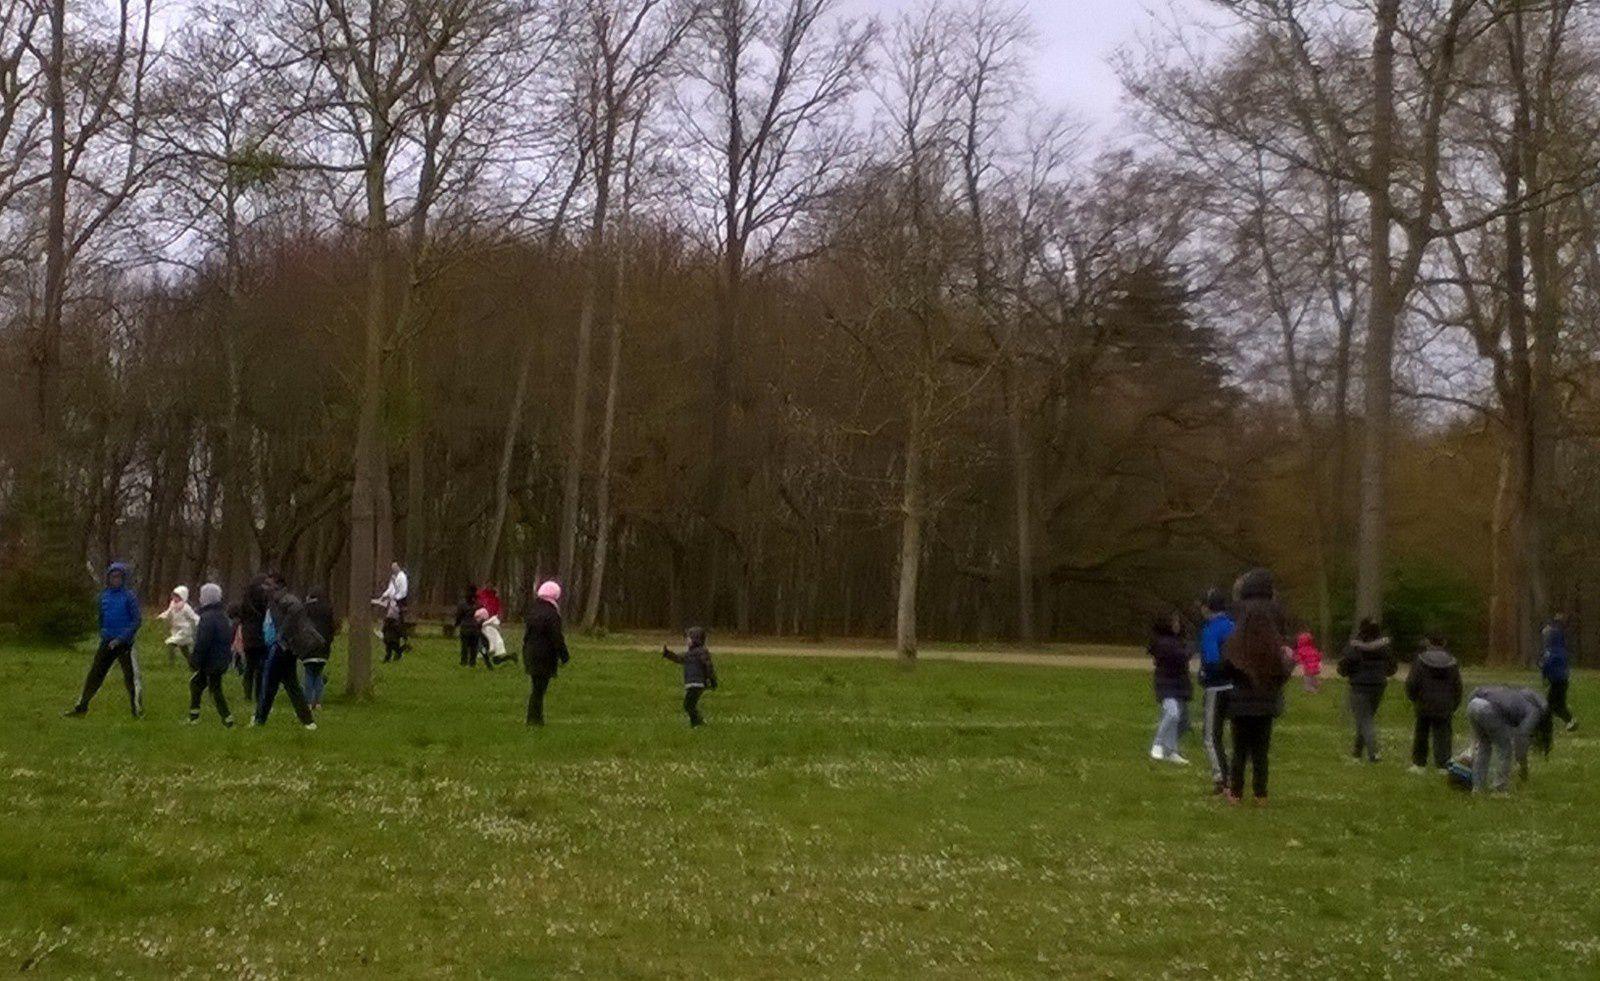 Chasse aux Oeufs dans le parc Chapu